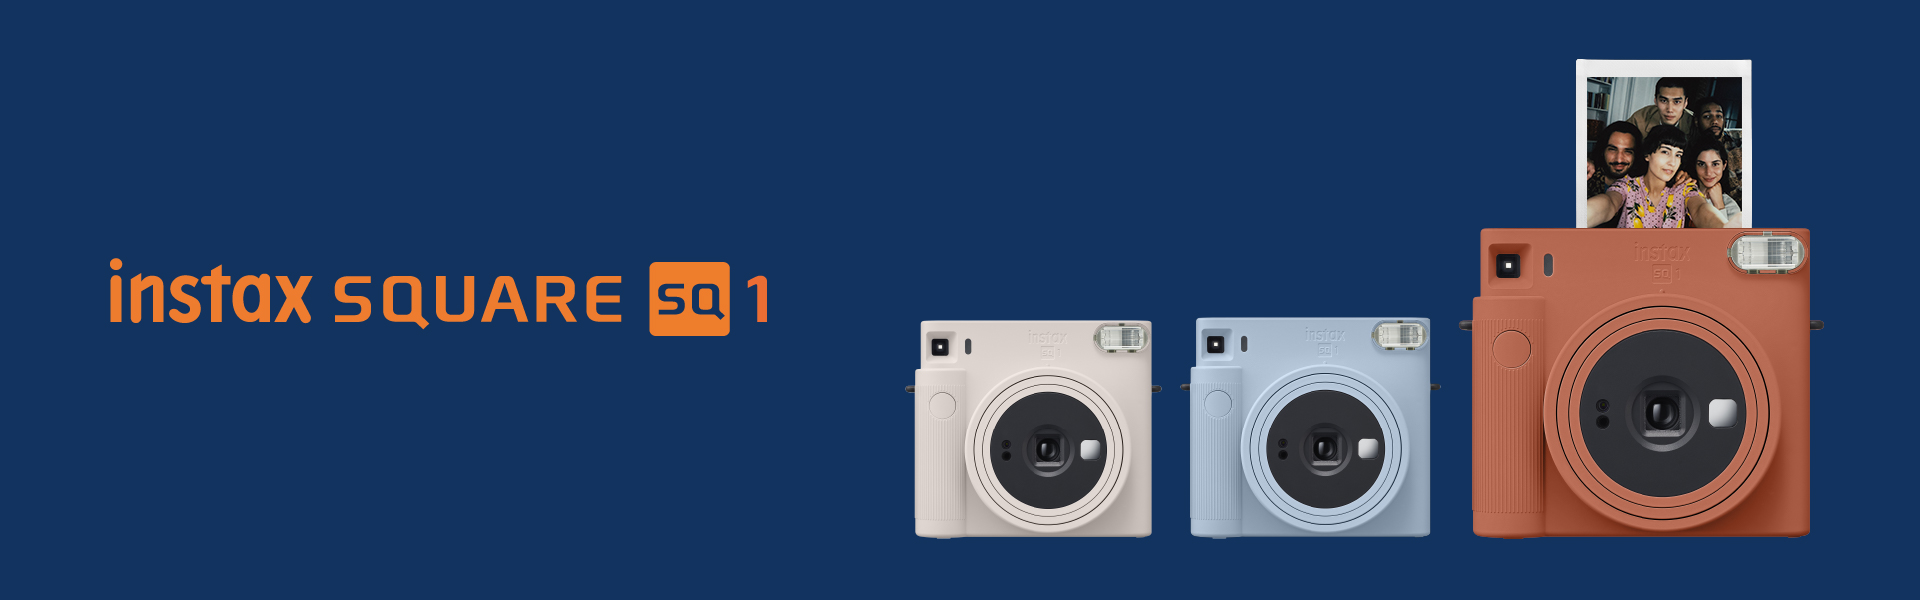 [photo] 나란히 놓인 초크 화이트, 테라코타 오렌지, 글레이셔 블루 색상의 인스탁스 스퀘어 SQ1 카메라 3대